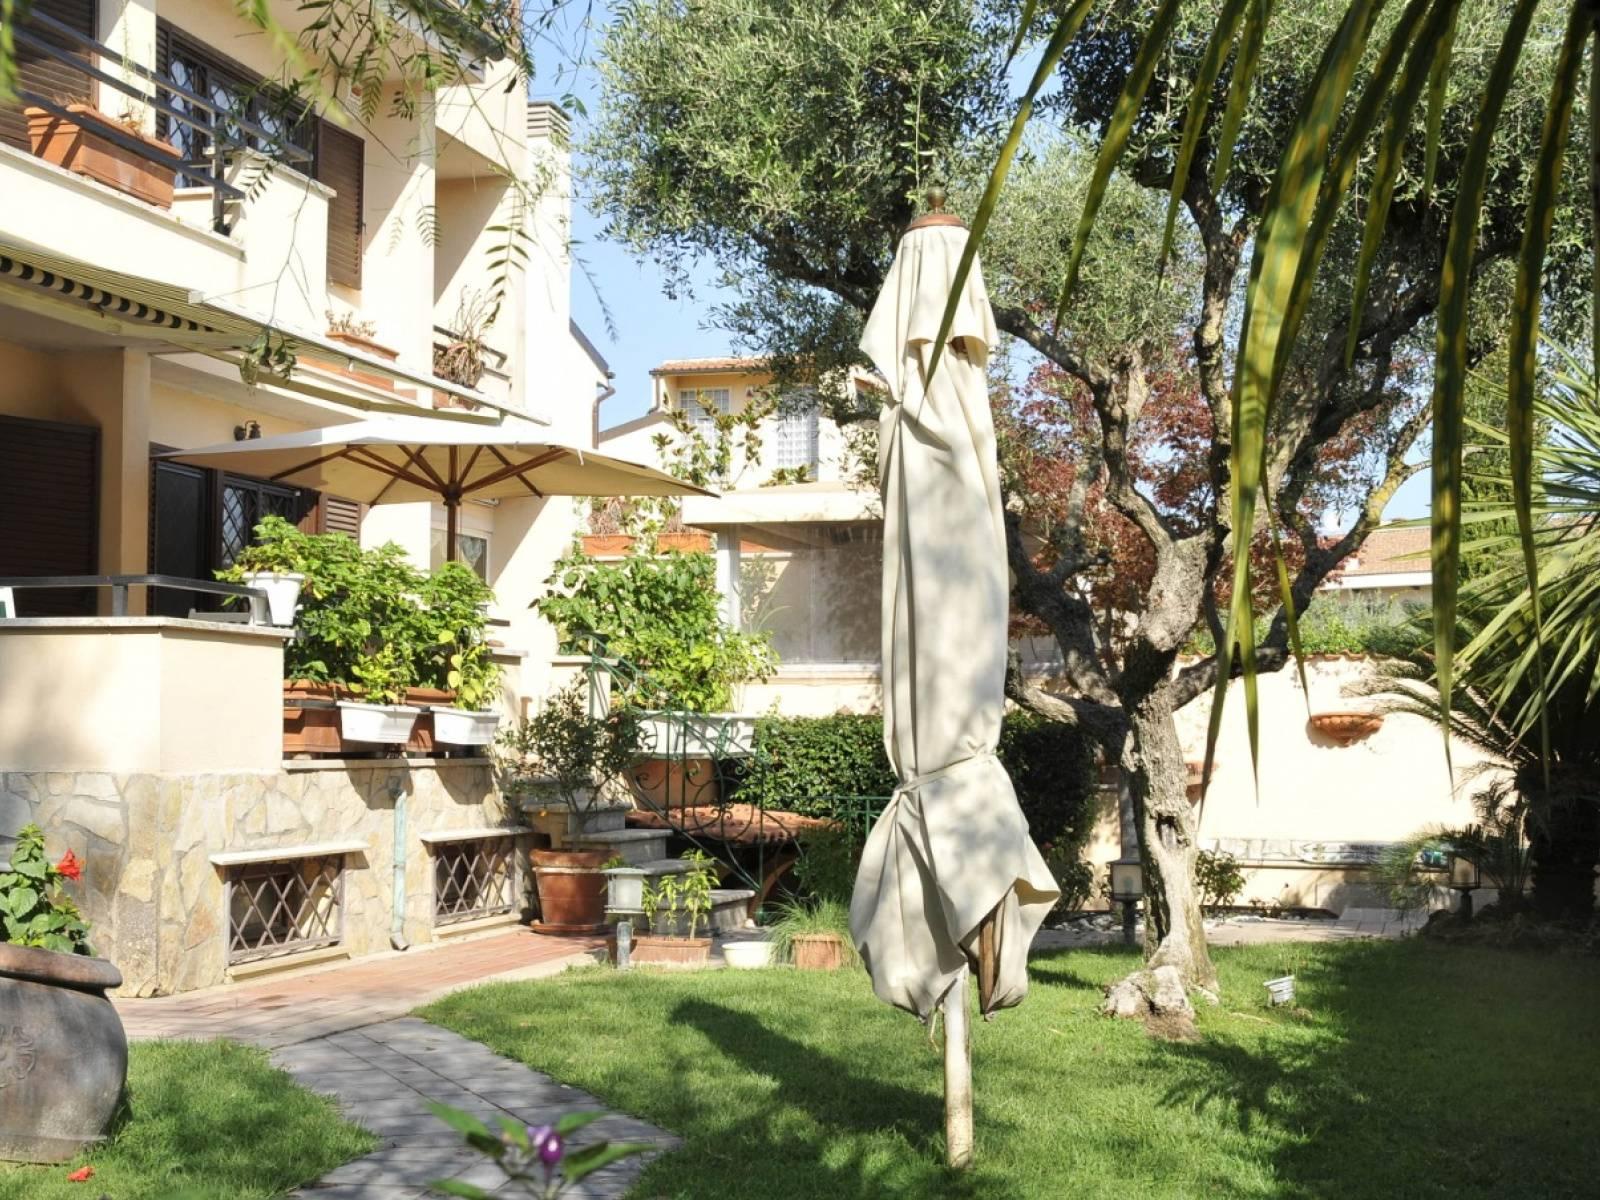 1118419815 Plurilocale (10) in Largo Pinzano, Roma, Zona Infernetto